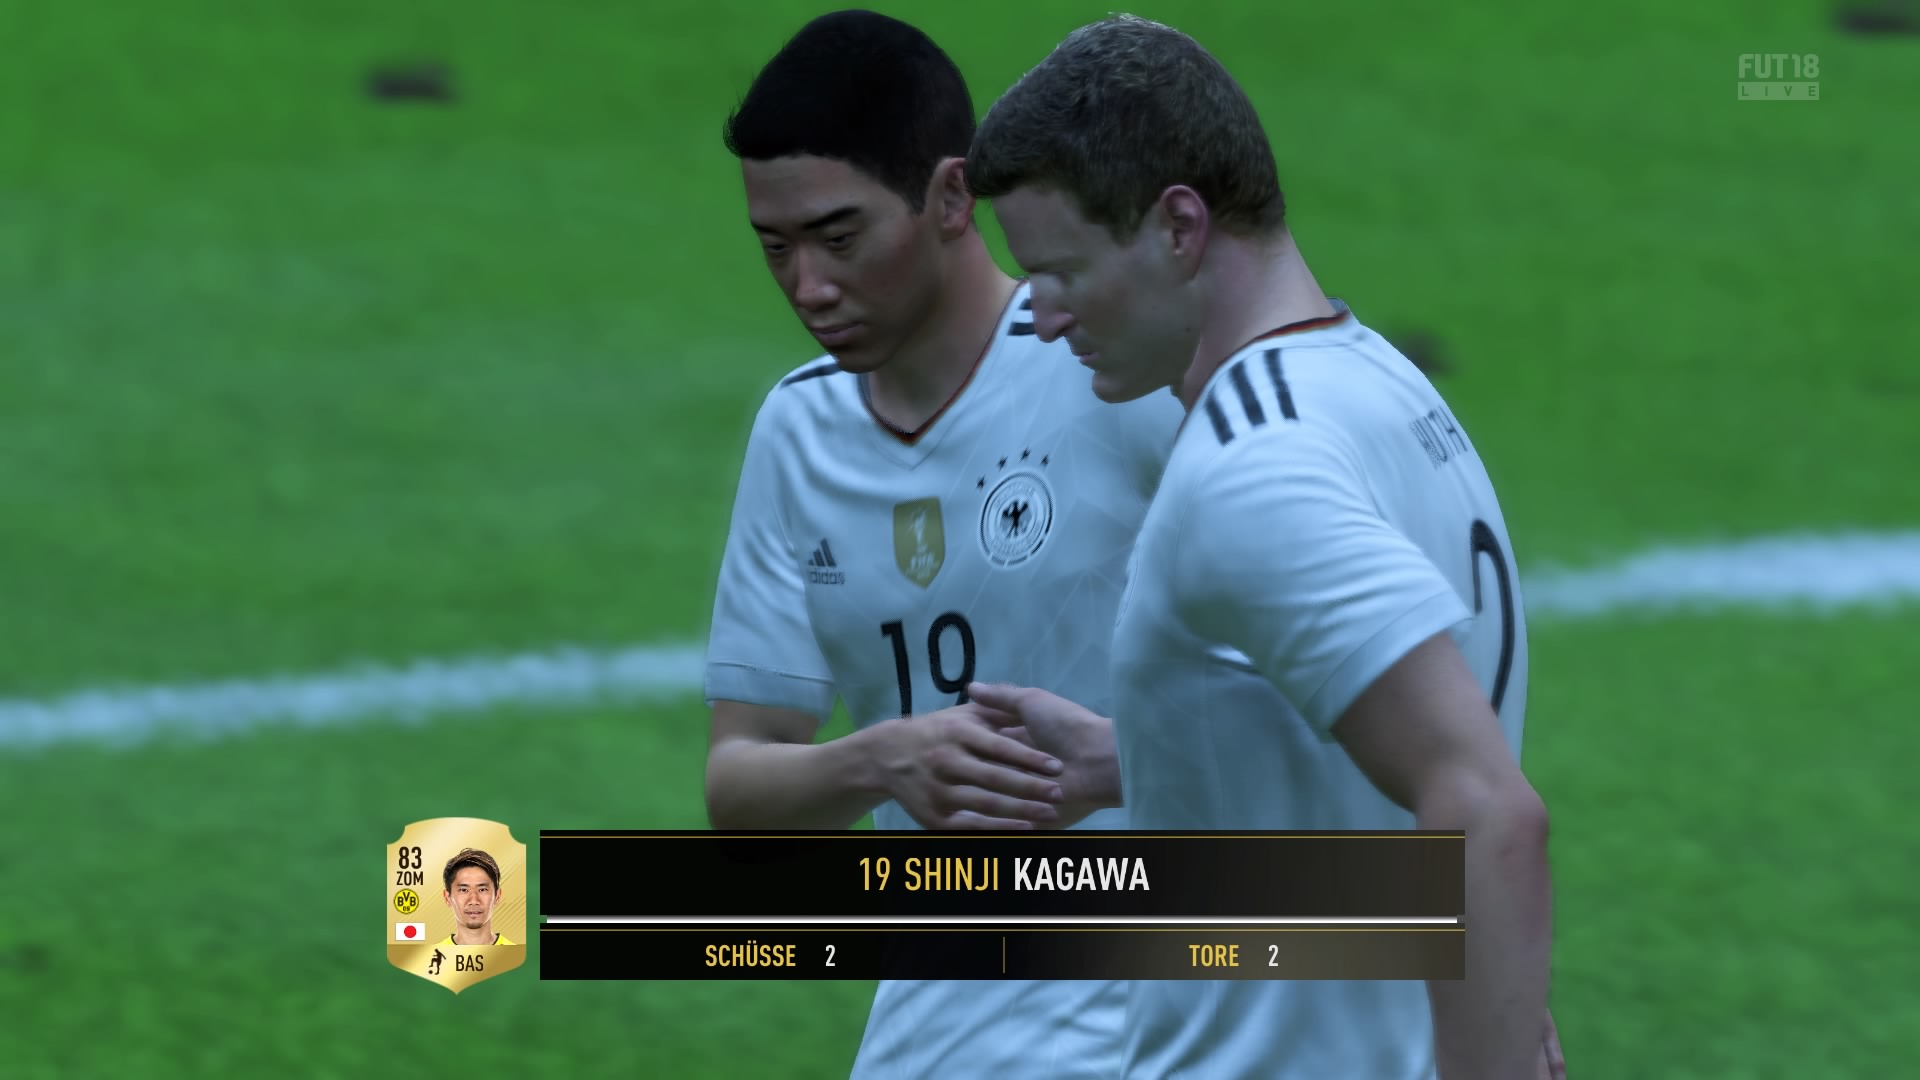 Fifa 18 Die Besten Mittelfeldspieler Giga